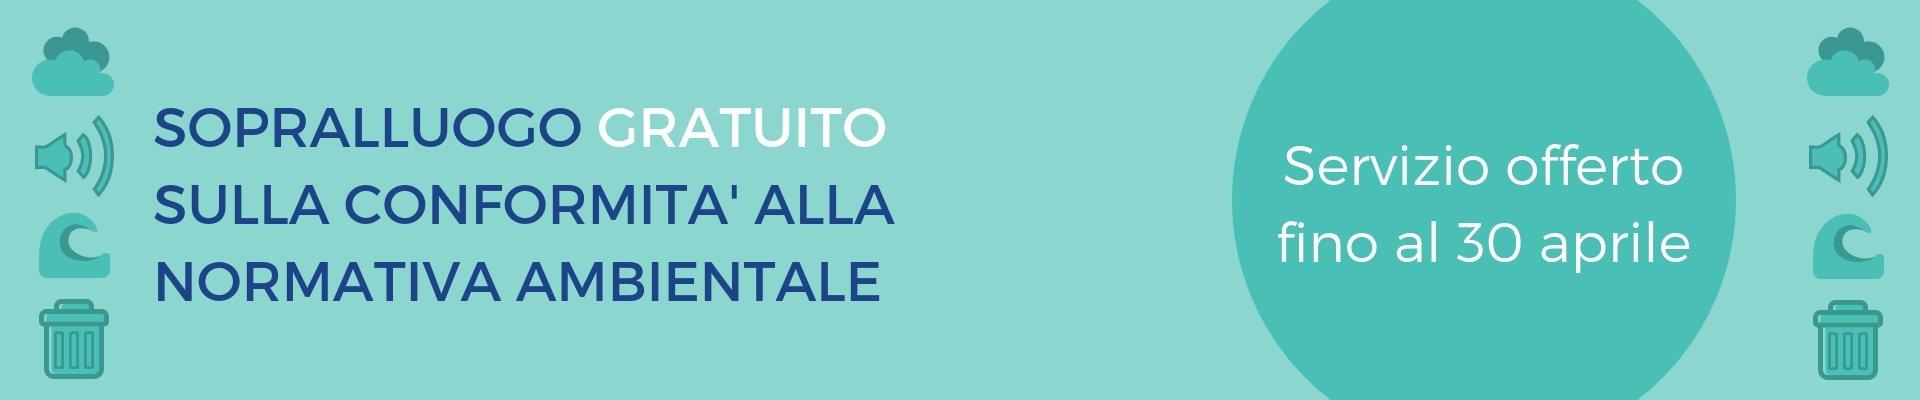 CONTROLLO GRATUITO SULLA NORMATIVA AMBIENTALE